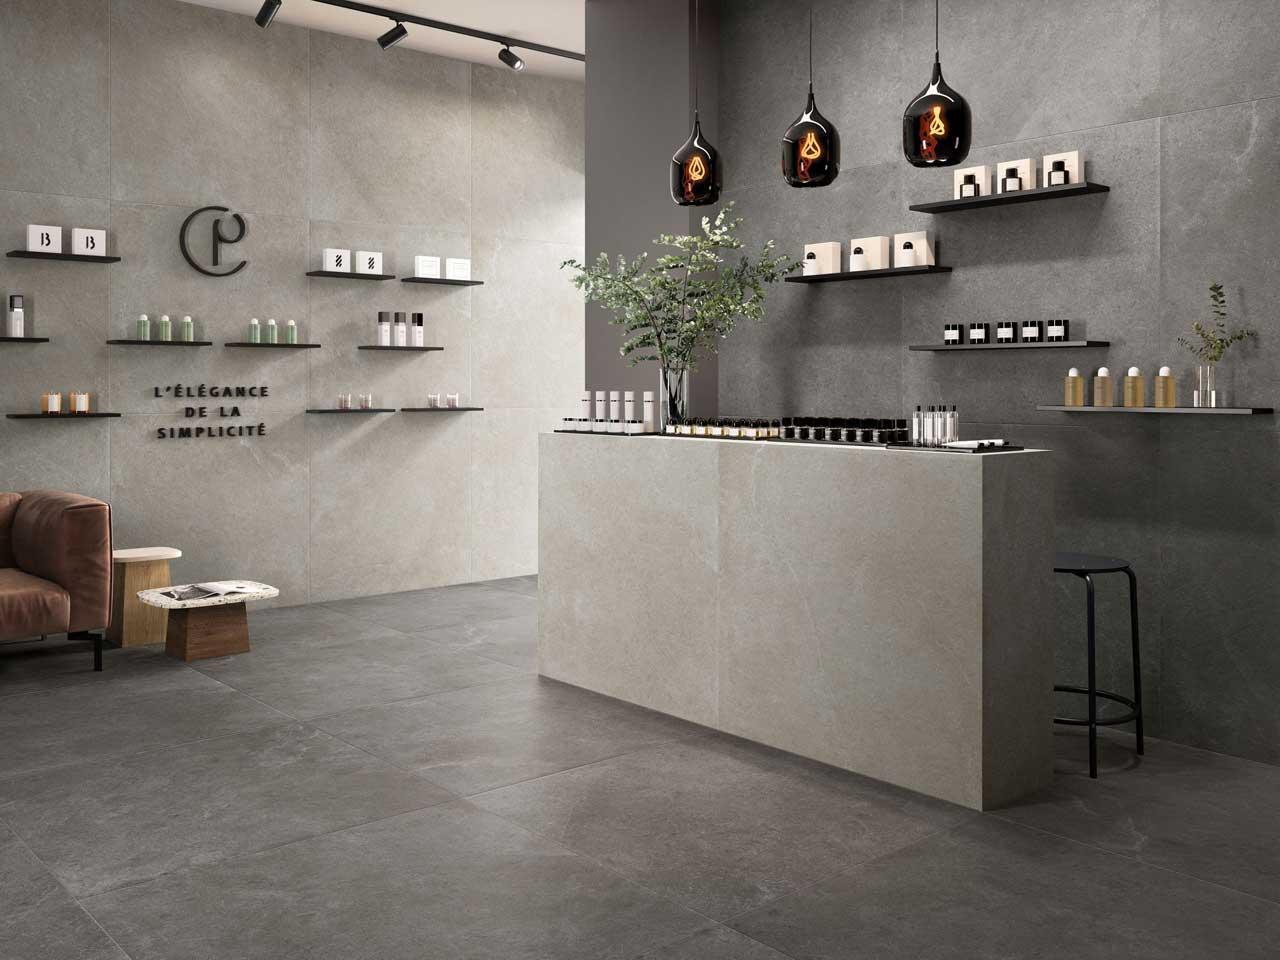 Vasca Da Bagno Globo Paestum : Ceramica globo presenta il lavabo della collezione paestum bagnoidea